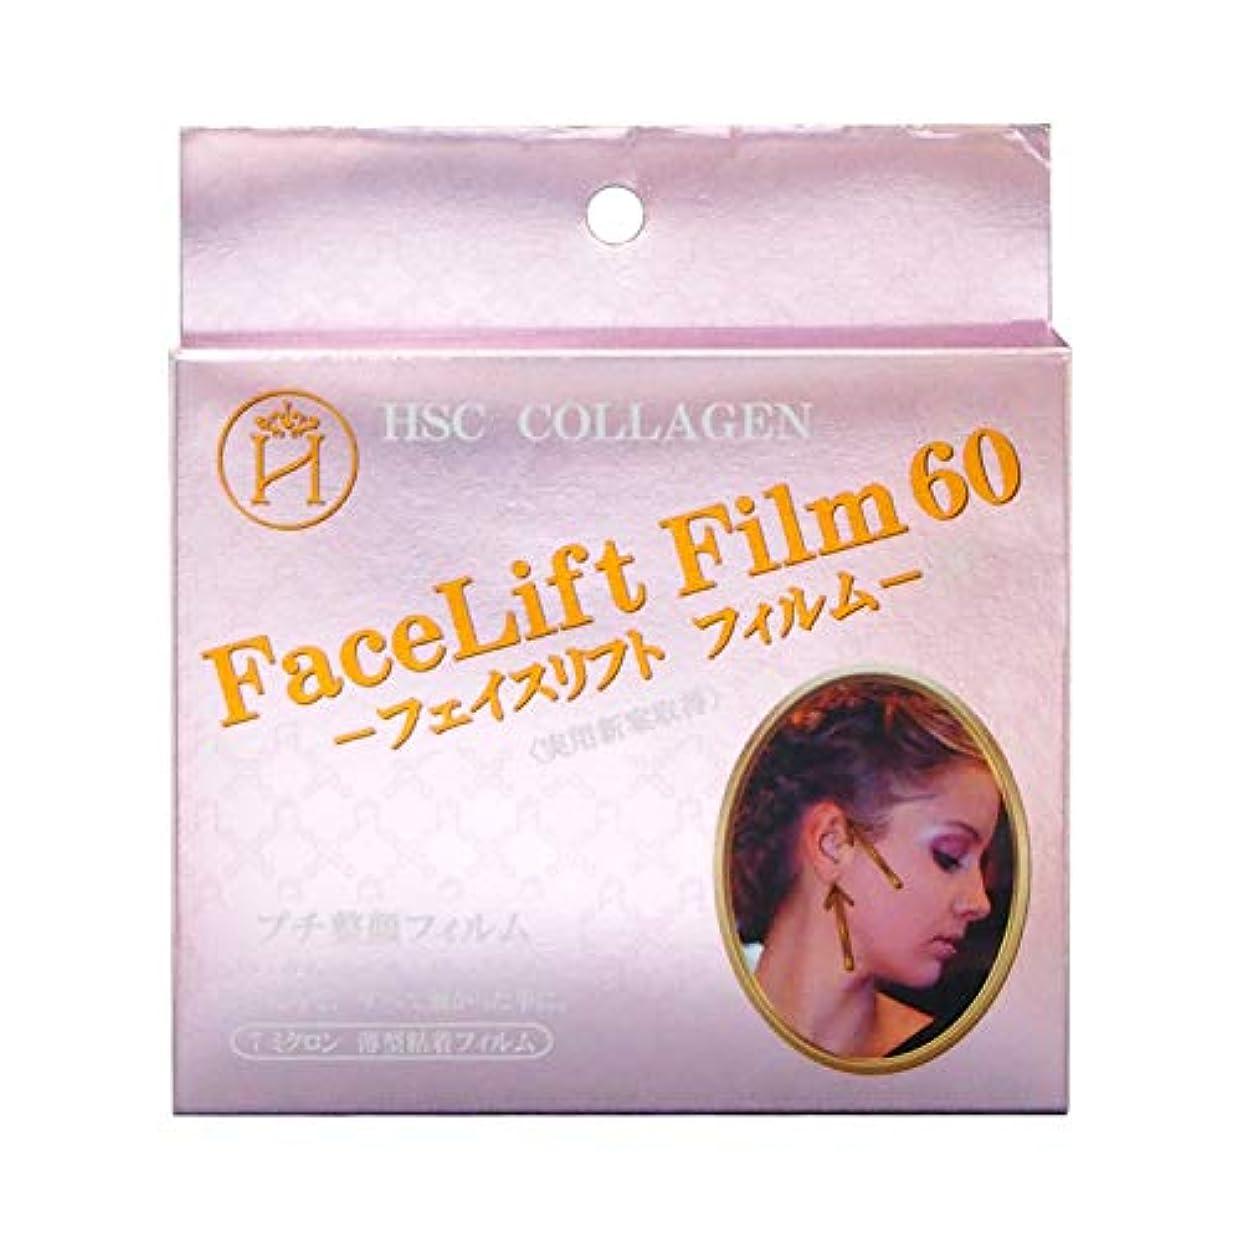 雑品策定するアクセスできないフェイスリフトフィルム60 たるみ テープ 引き上げ 透明 目立たない フェイスライン